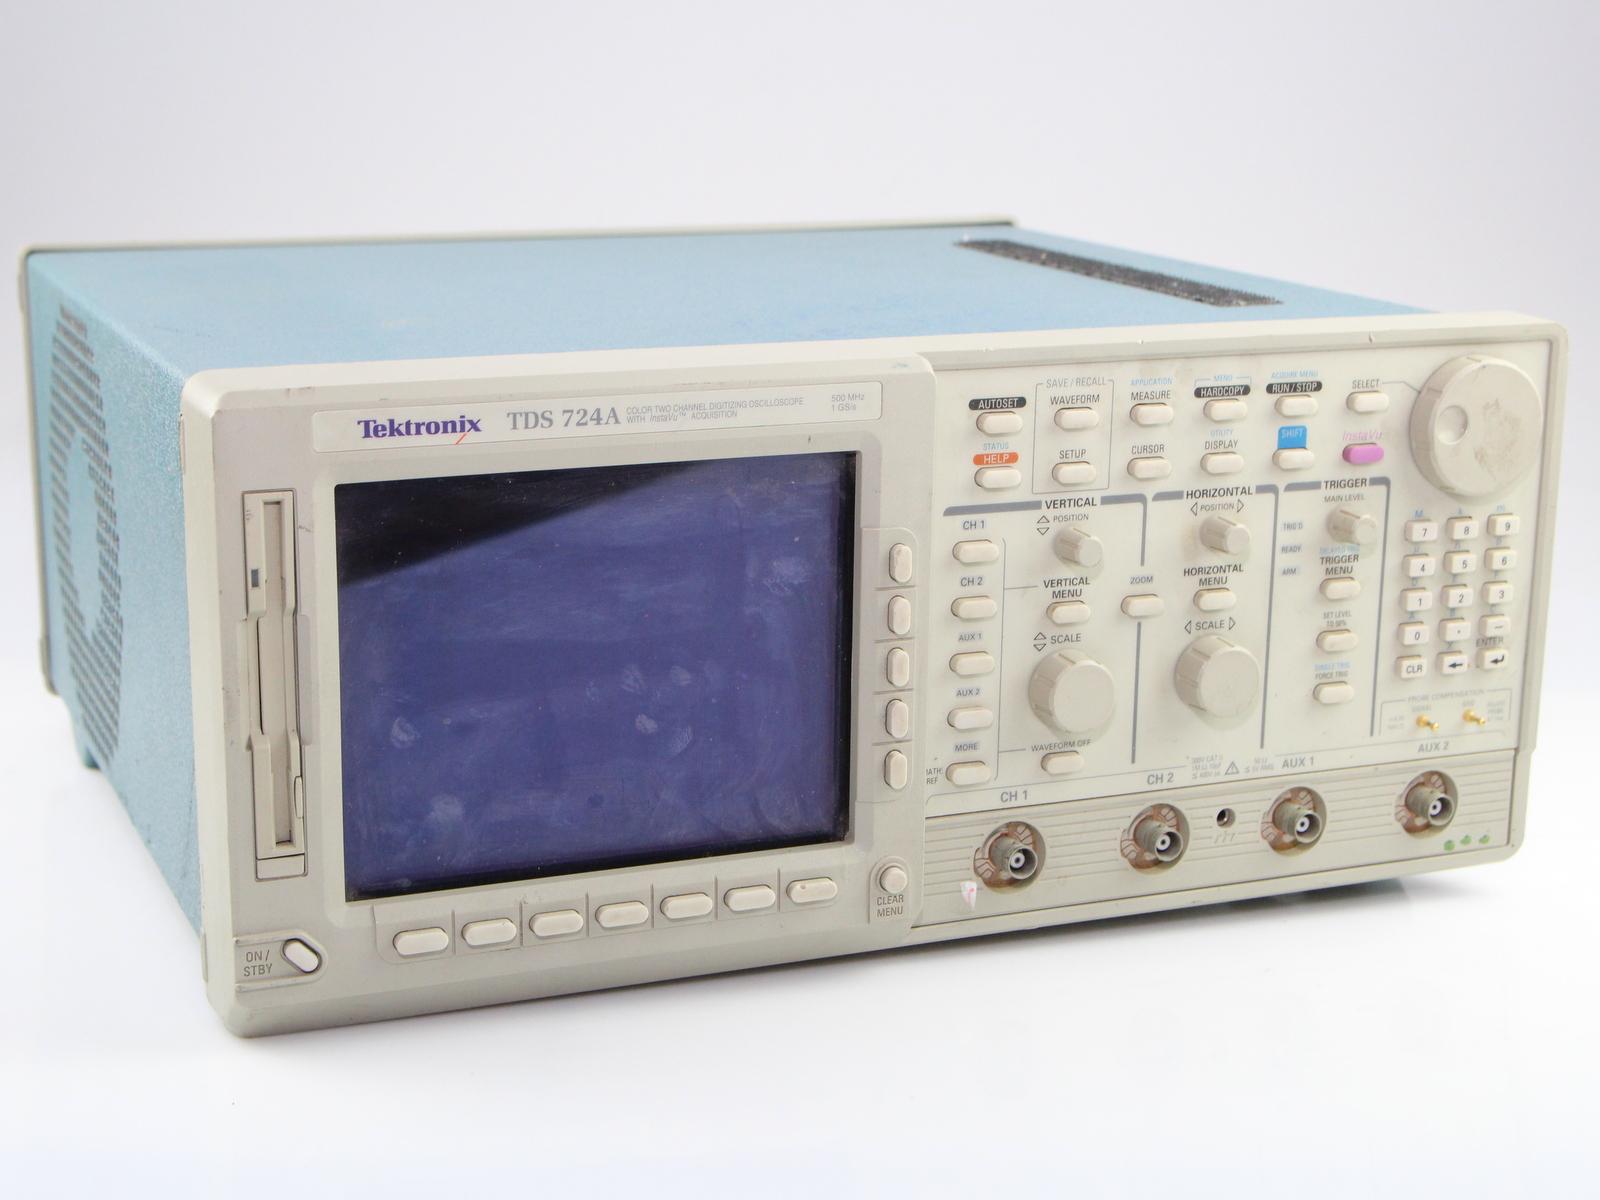 Best Tektronix Oscilloscope : Tektronix tds d digital oscilloscope channel mhz